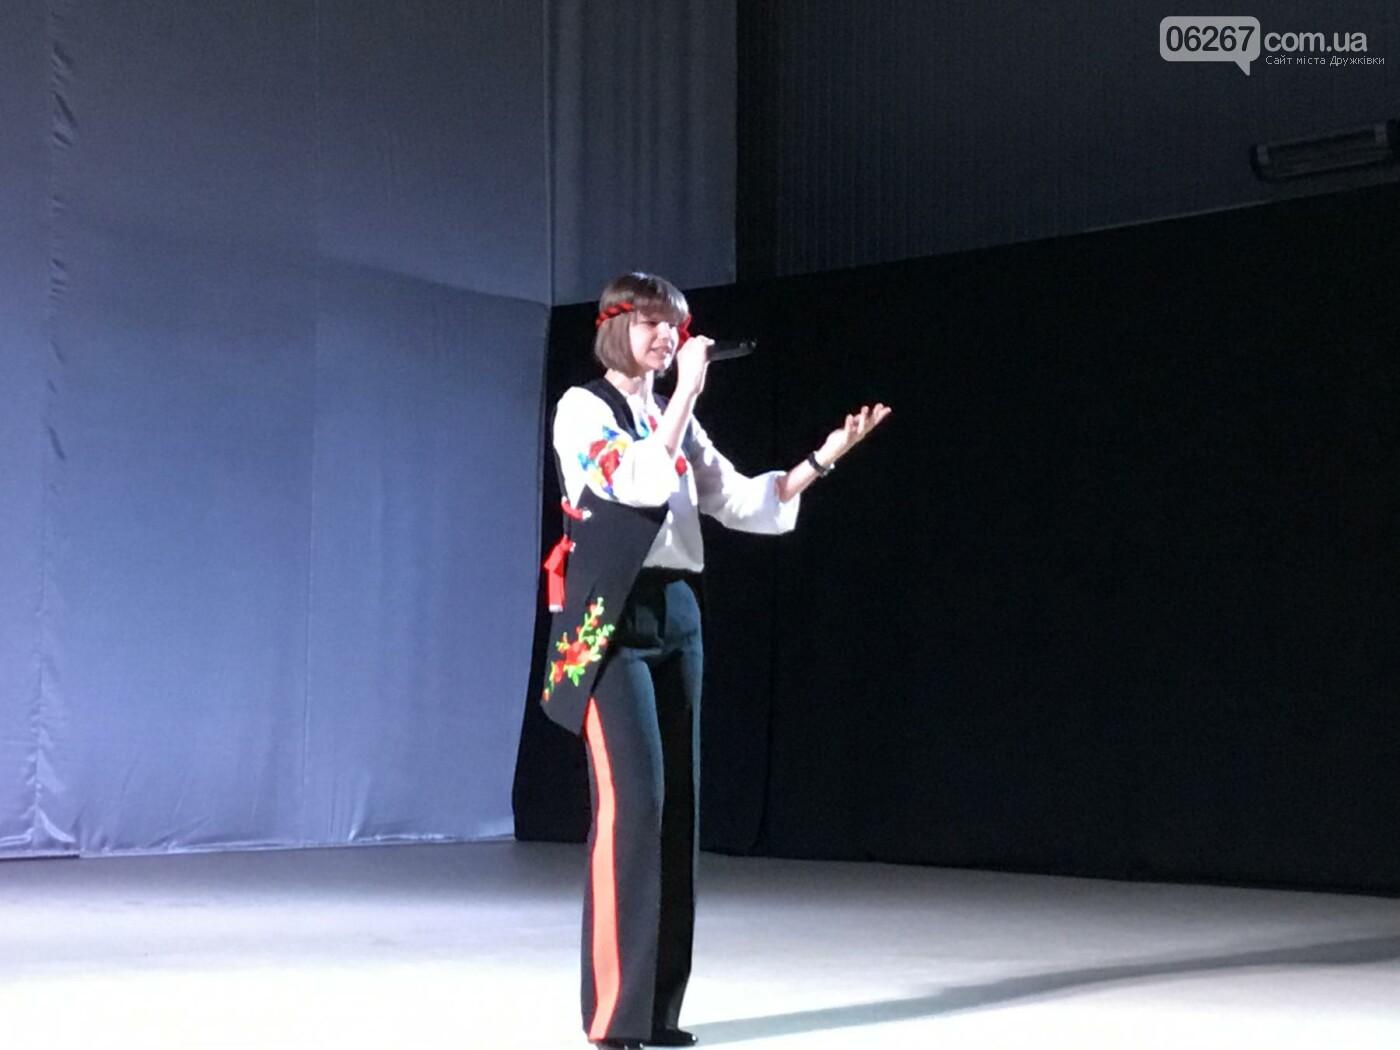 В Дружковке на День Независимости выступили местные артисты (ВИДЕО), фото-3